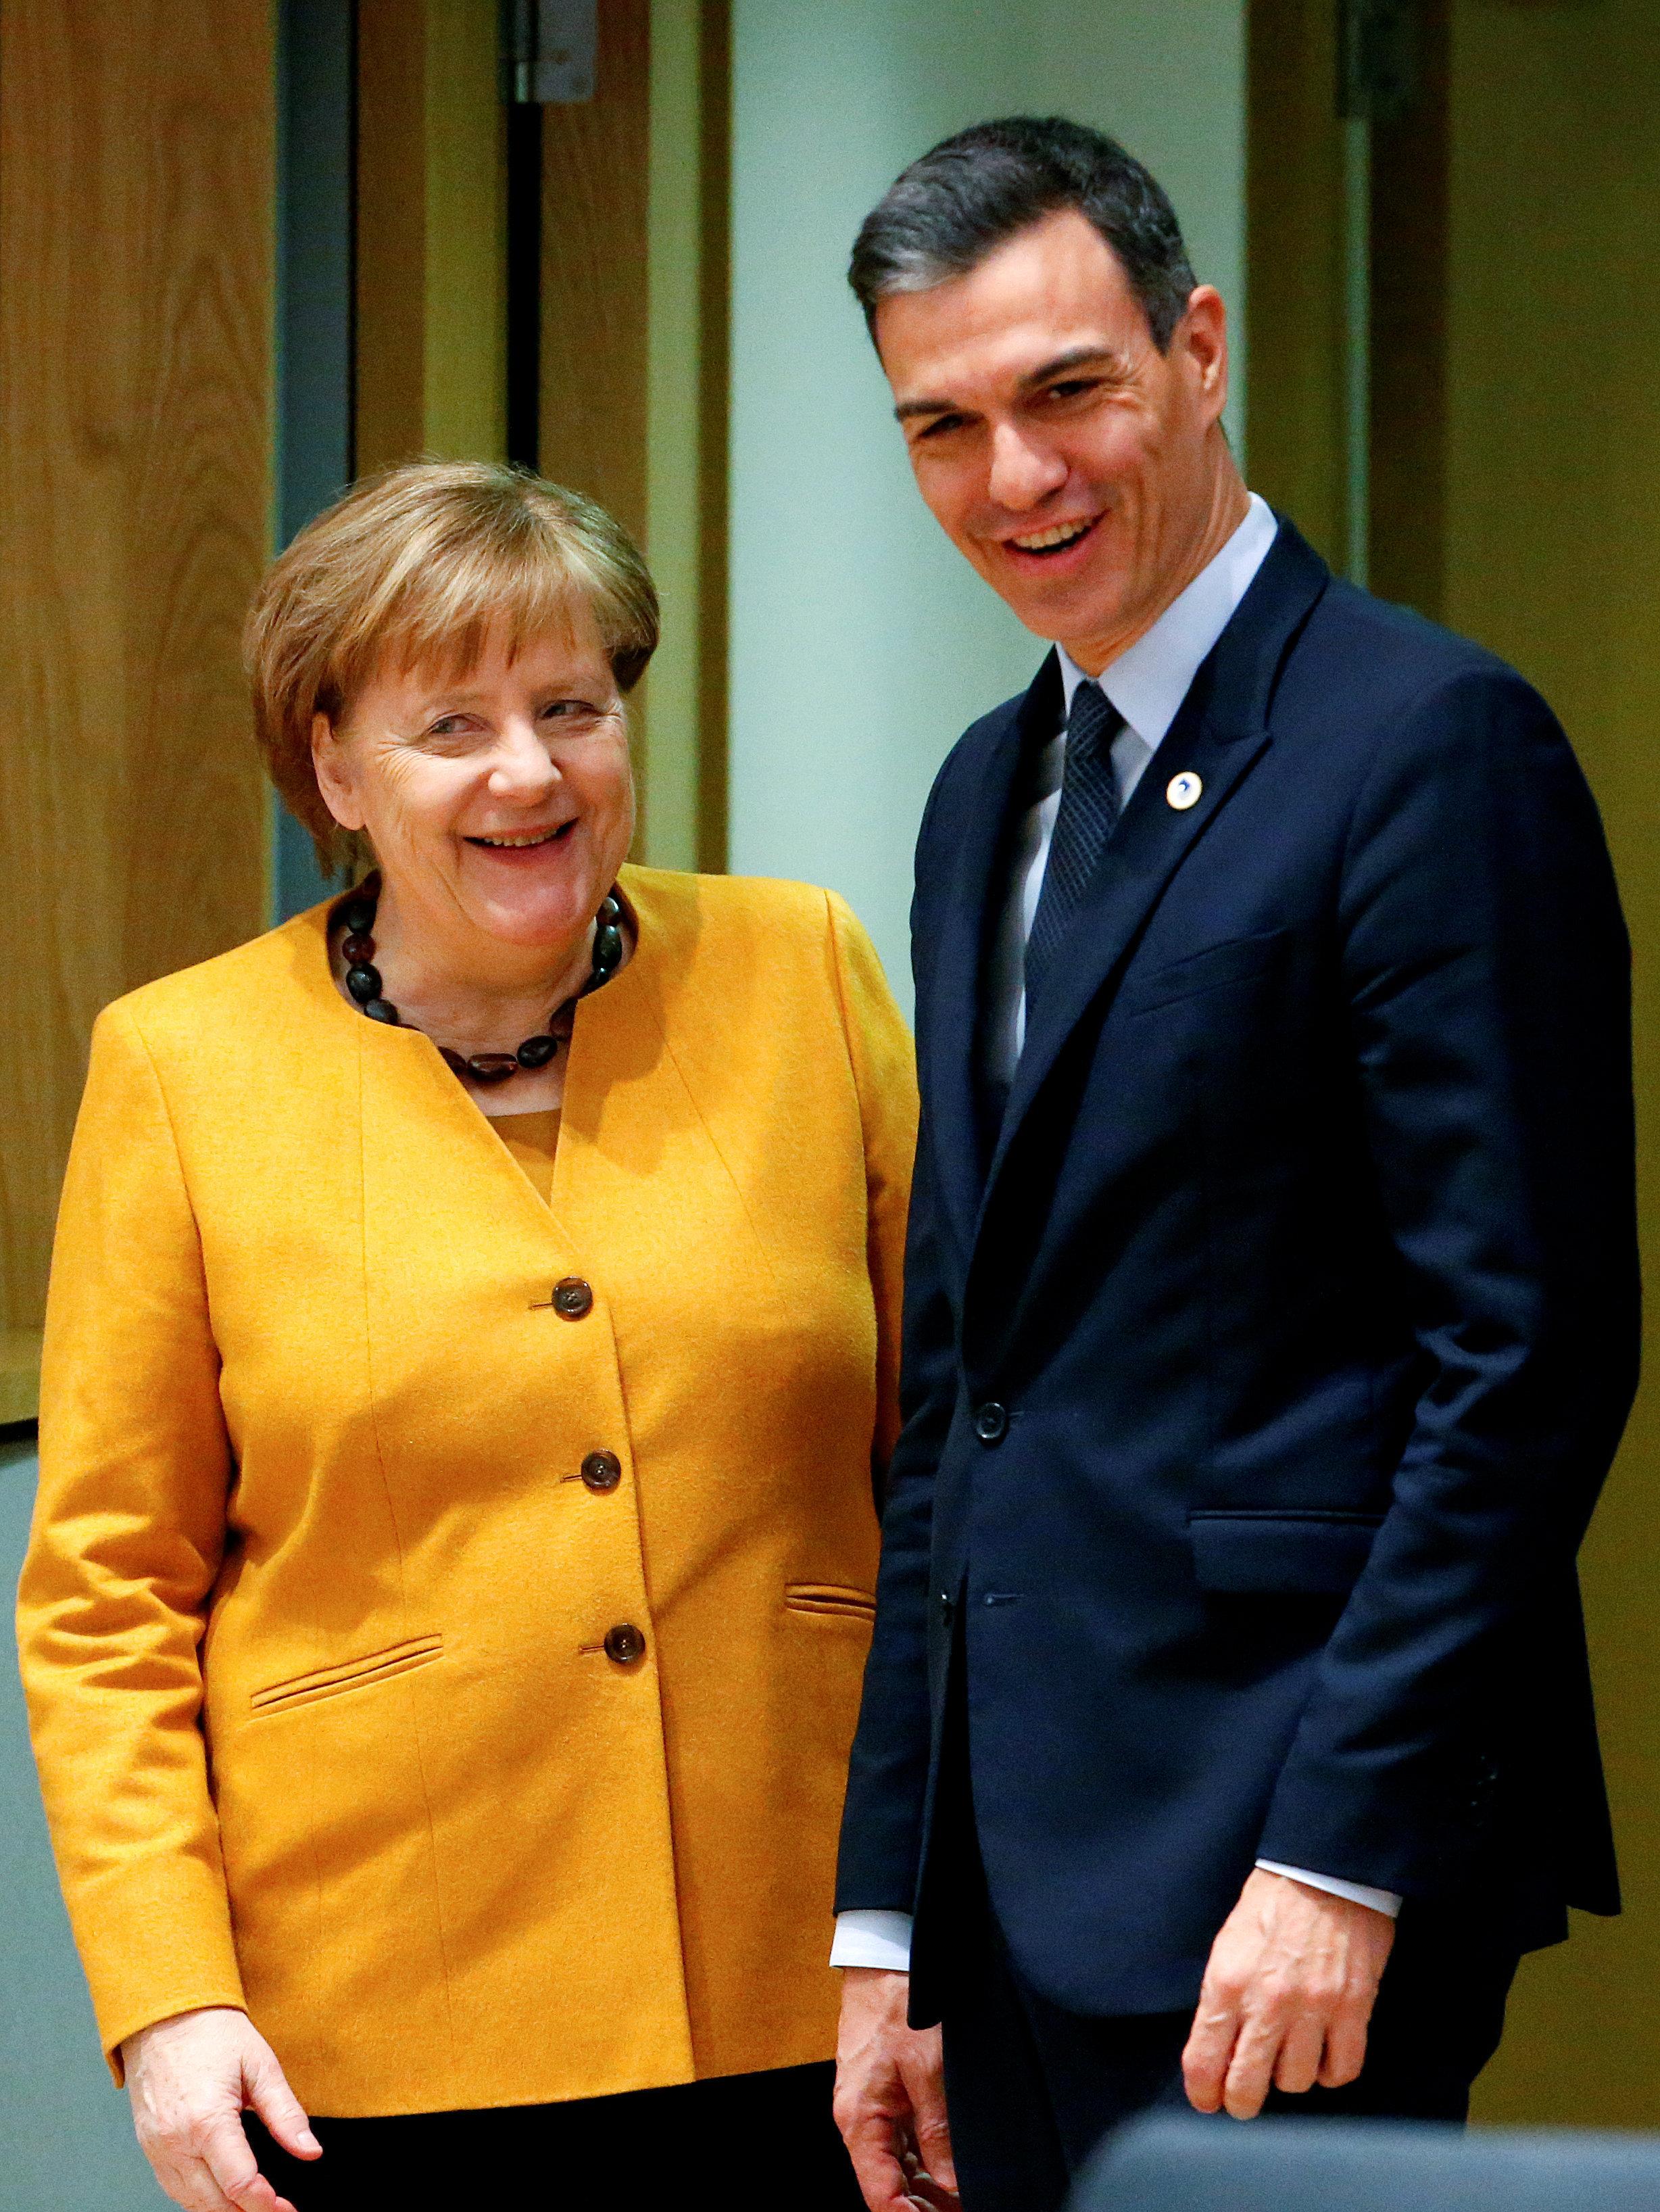 La canciller federal de Alemania, Angela Merkel, y el presidente del Gobierno de España, Pedro Sánchez